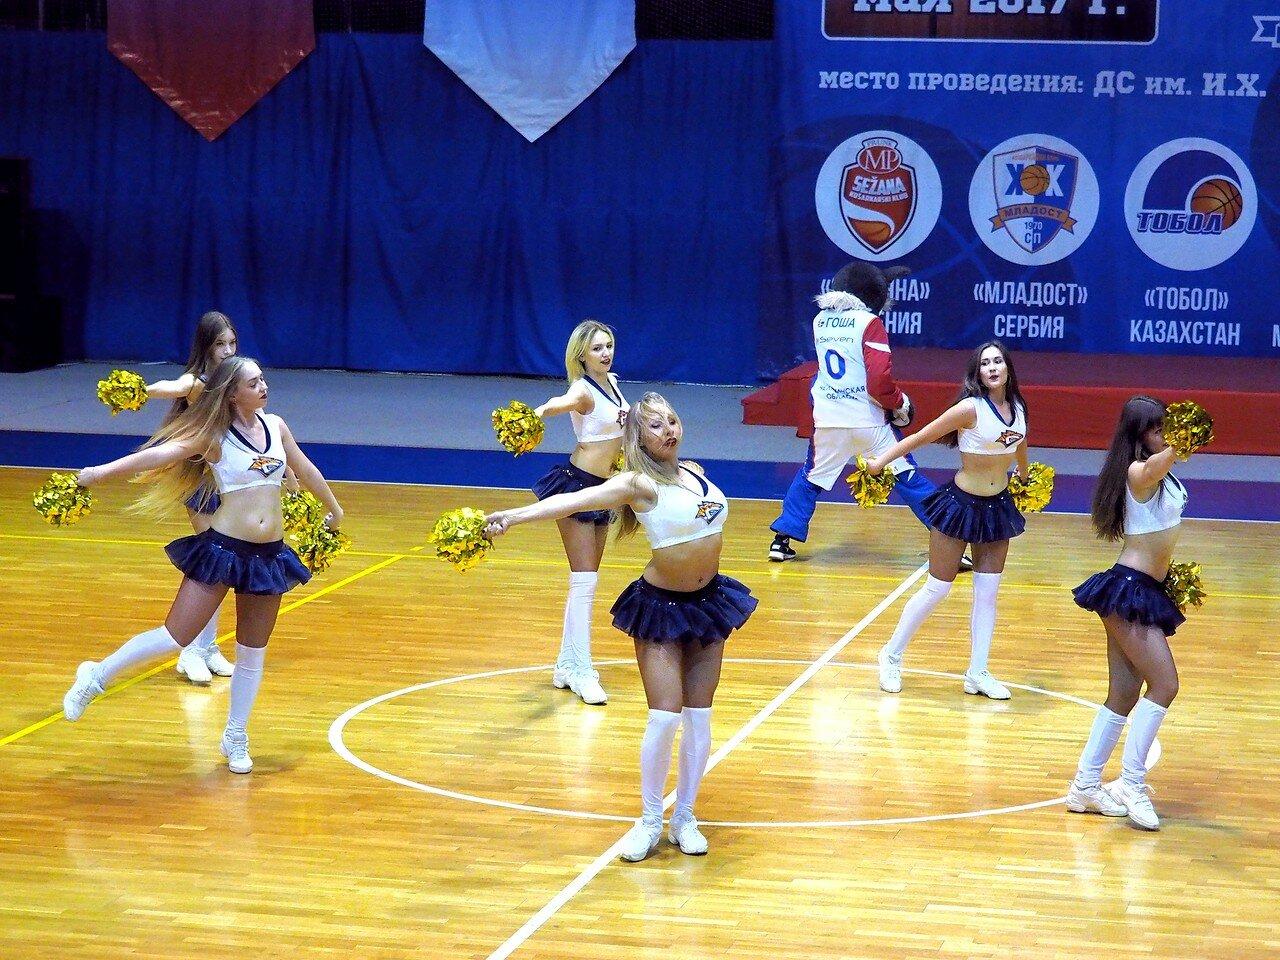 12 Динамо - Тобол 27.05.2017